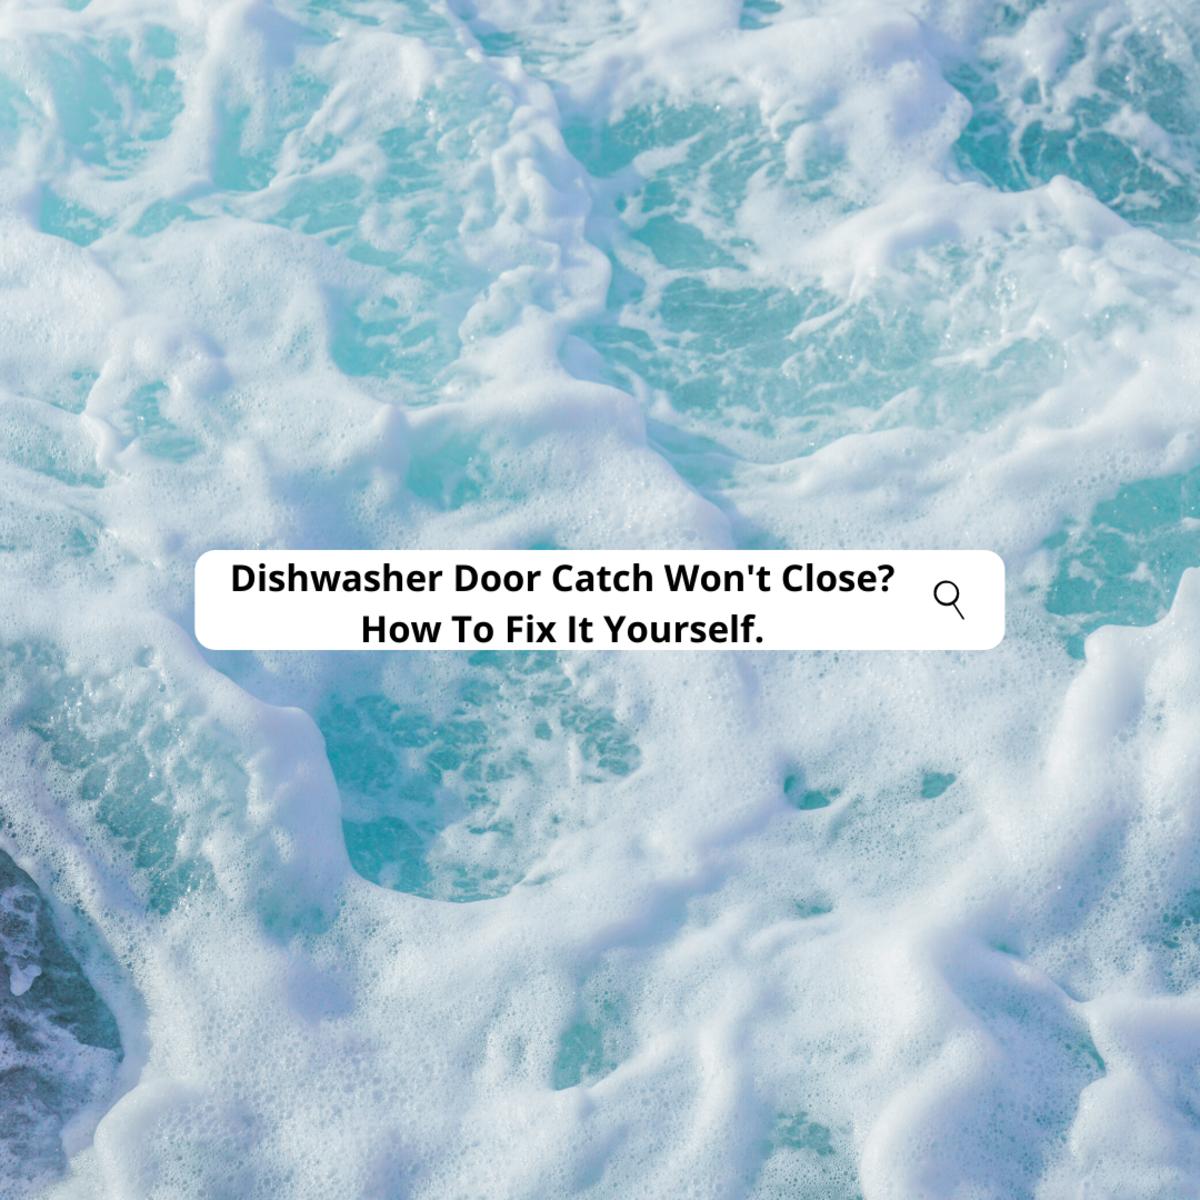 hotpoint-aquarius-dishwasher-door-catch-repair